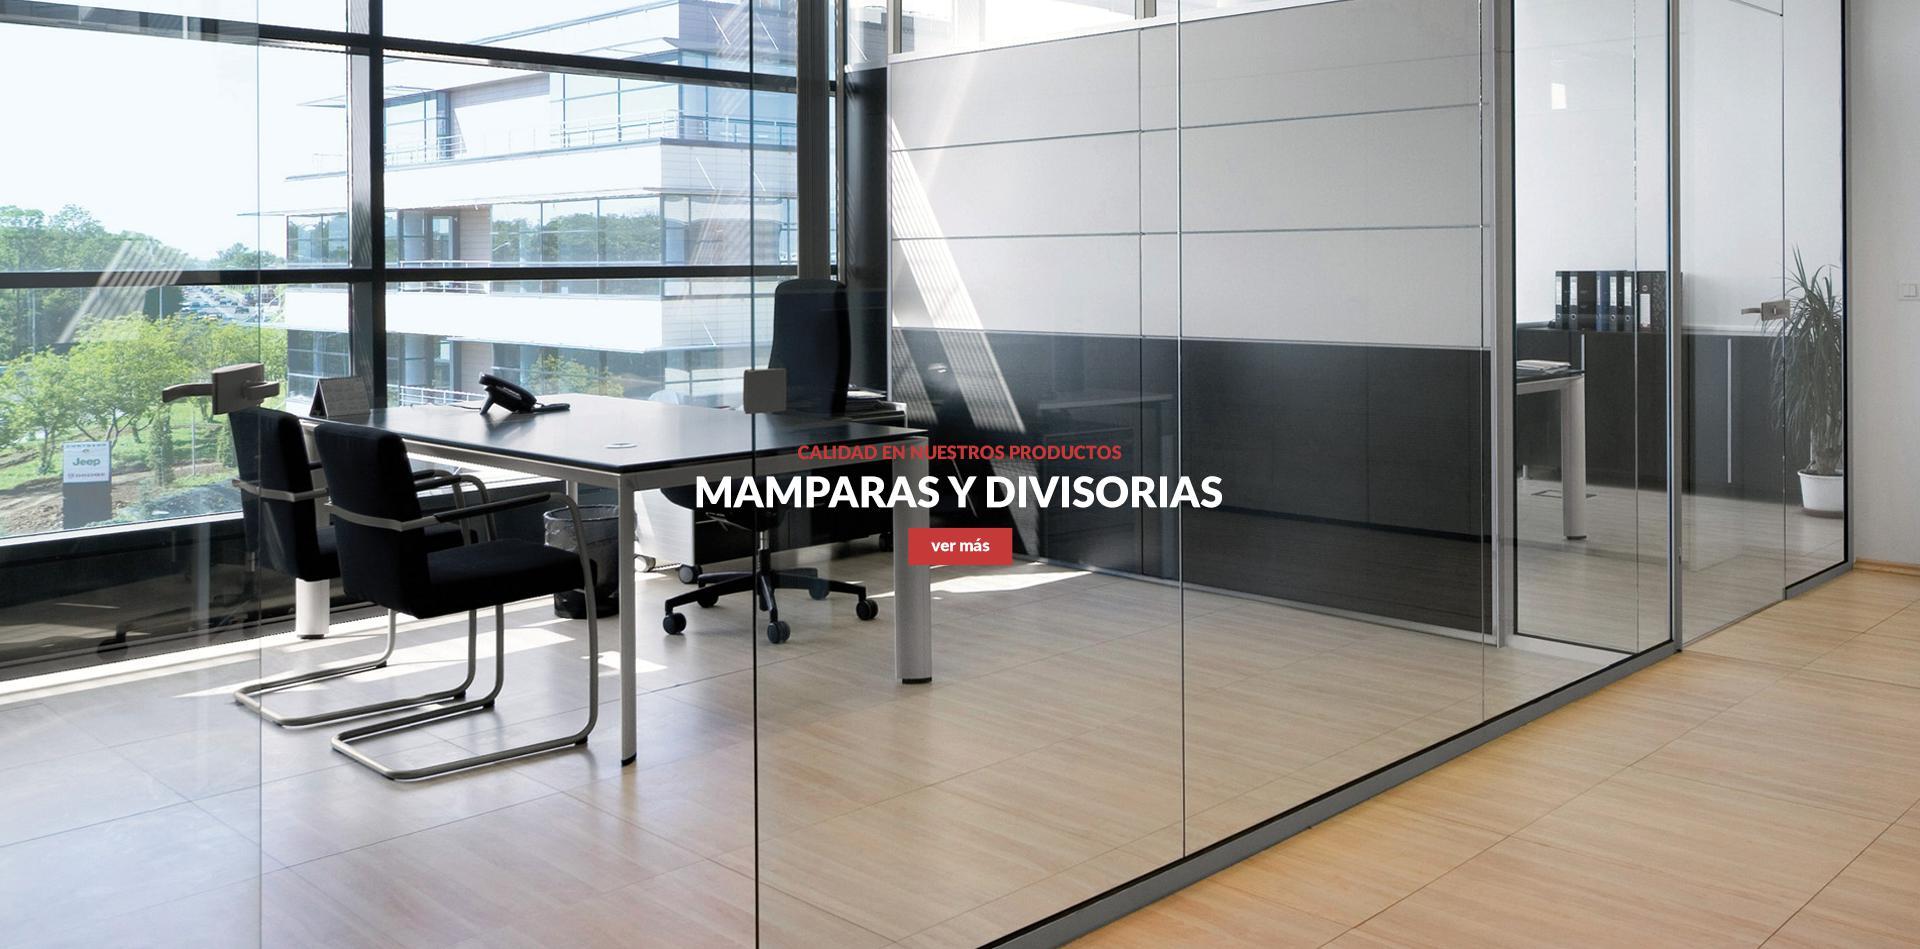 Ofyal - Mamparas y divisorias